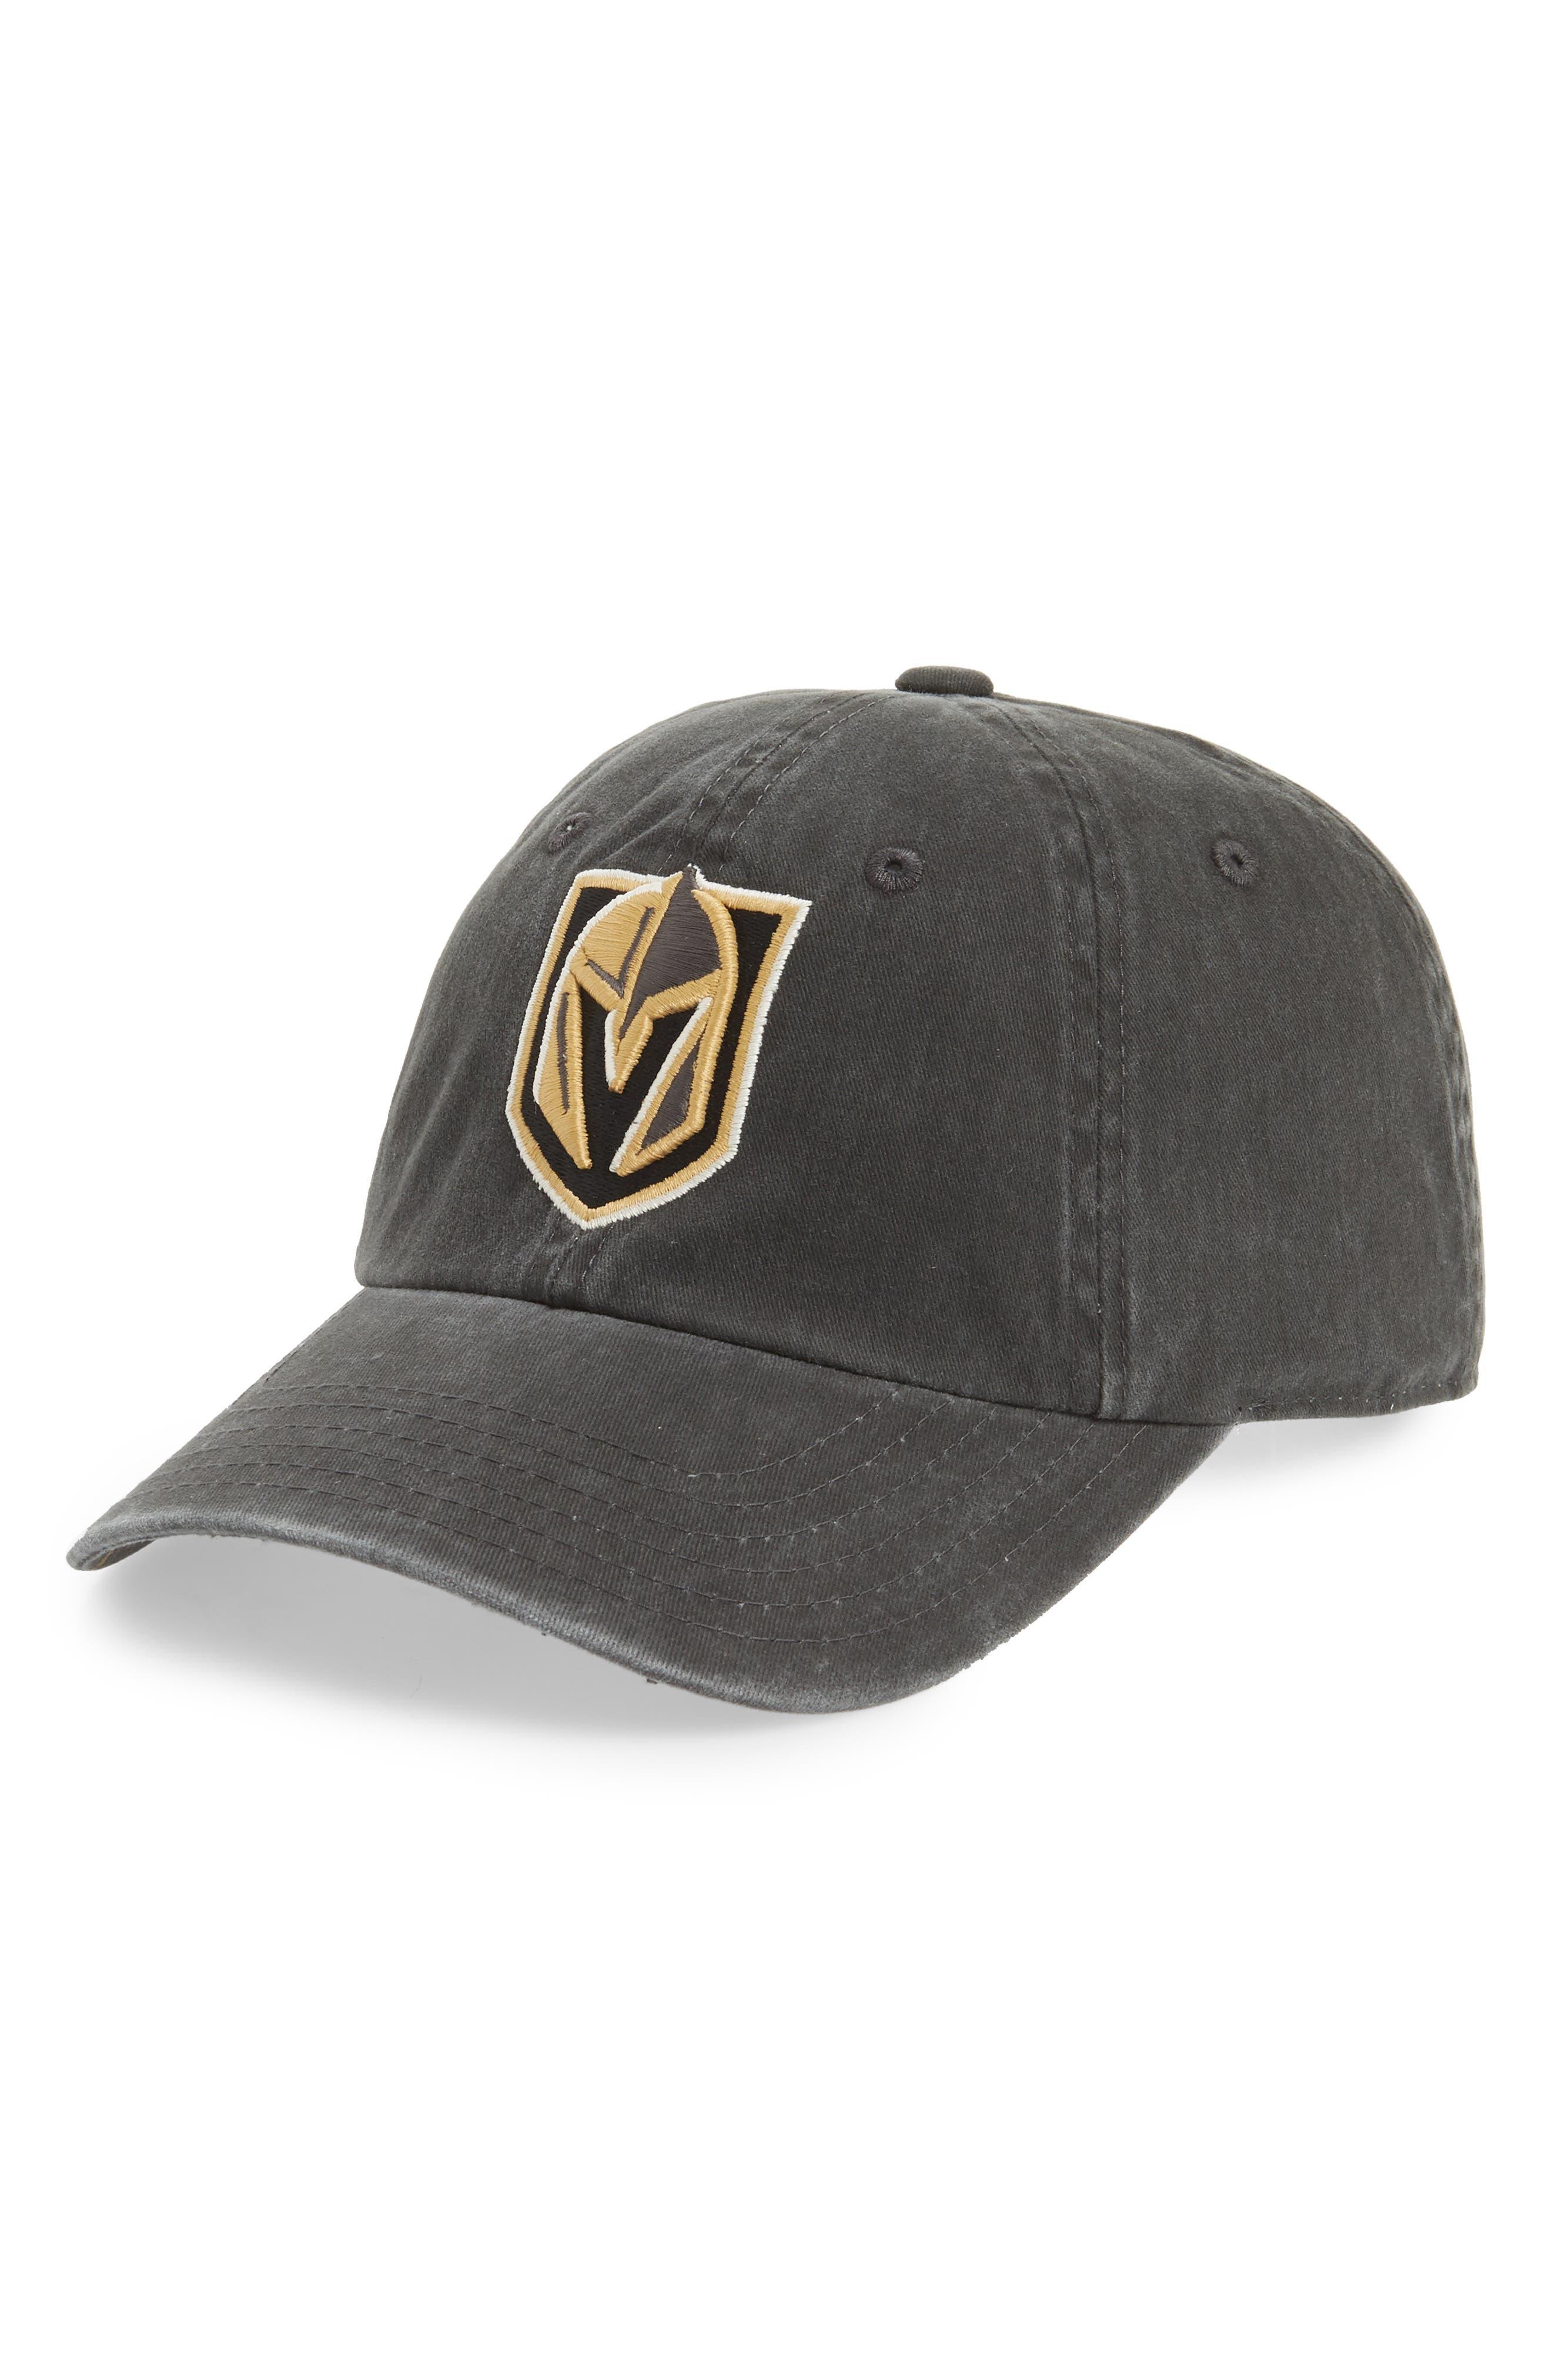 New Raglan Las Vegas Golden Knights Baseball Cap,                         Main,                         color, GOLDEN KNIGHTS